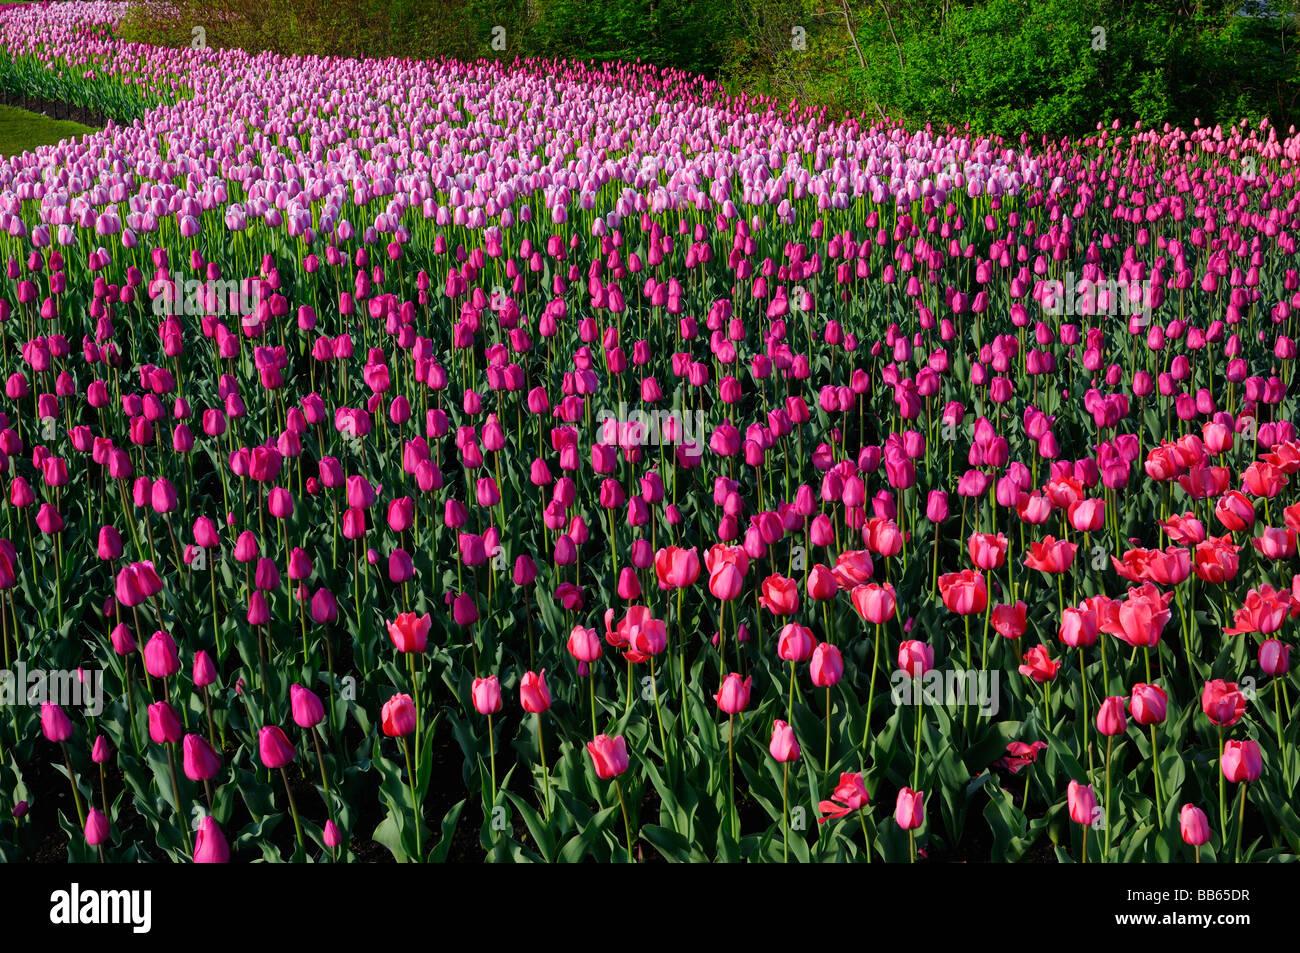 Une masse d'impression rouge Barcelone et ollioules tulipes sur le festival des tulipes d'ottawa garden Photo Stock